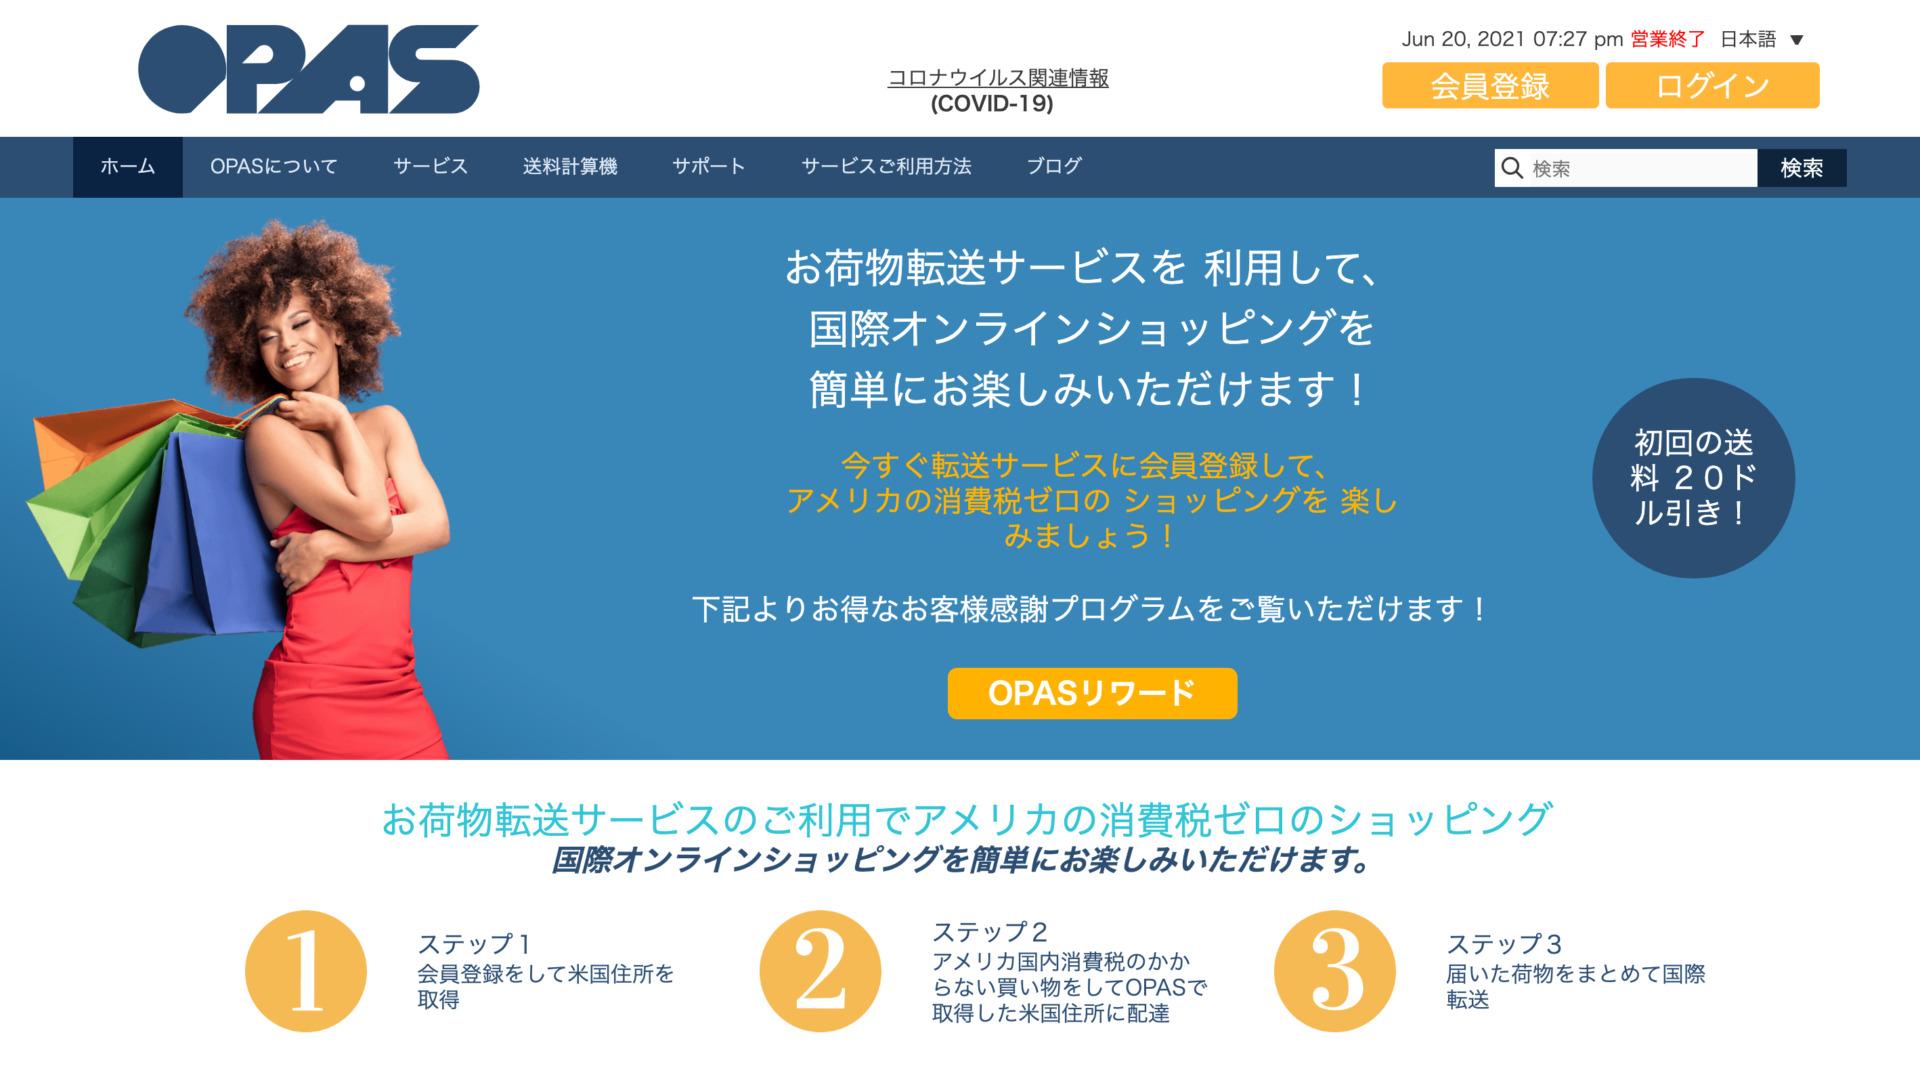 アメリカから日本への海外転送サービスの比較 OPAS